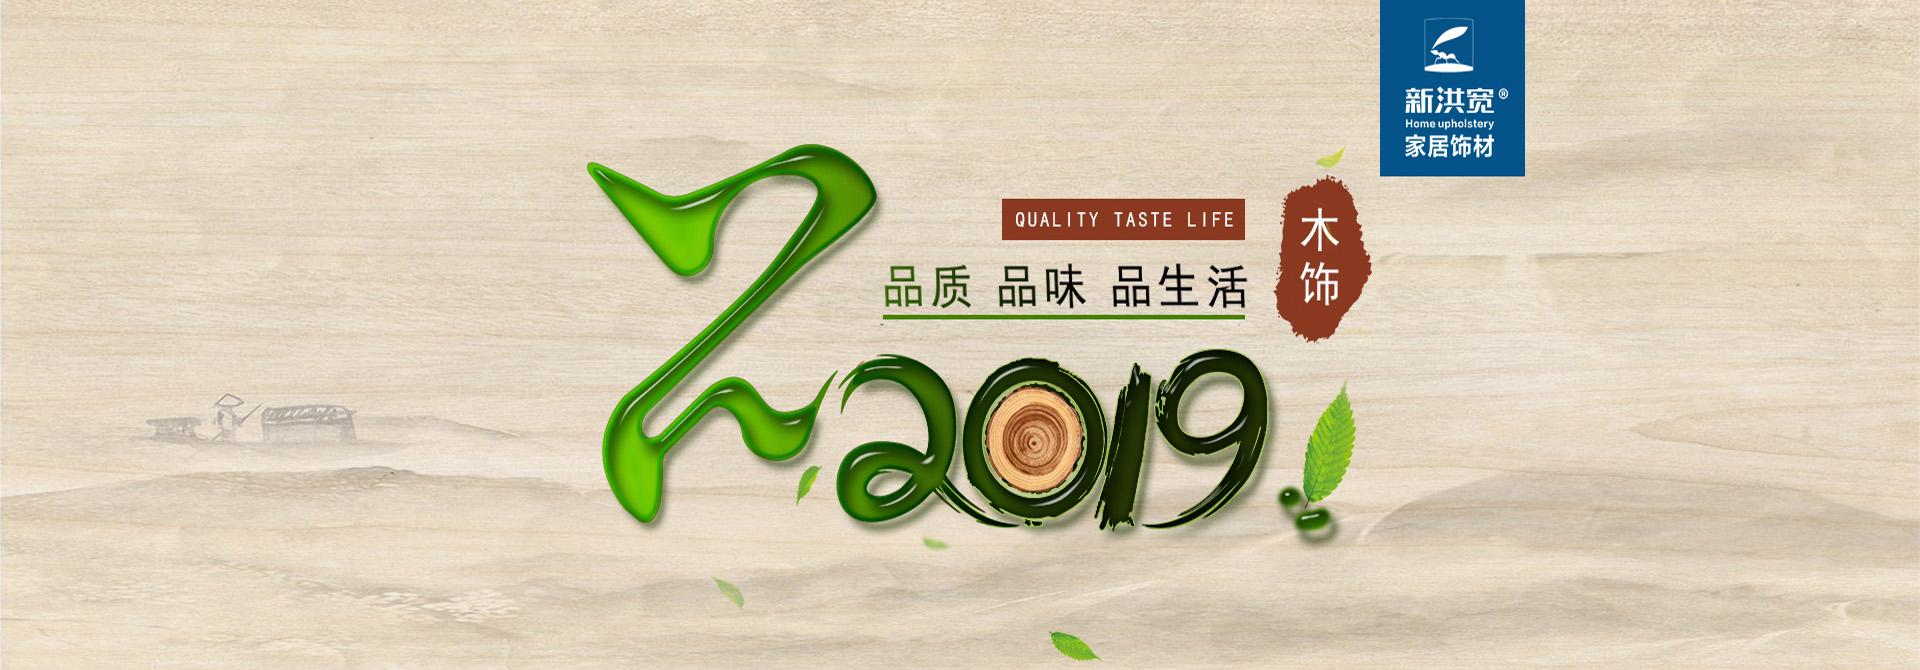 生态板厂家,生态板品牌,生态板十大品牌